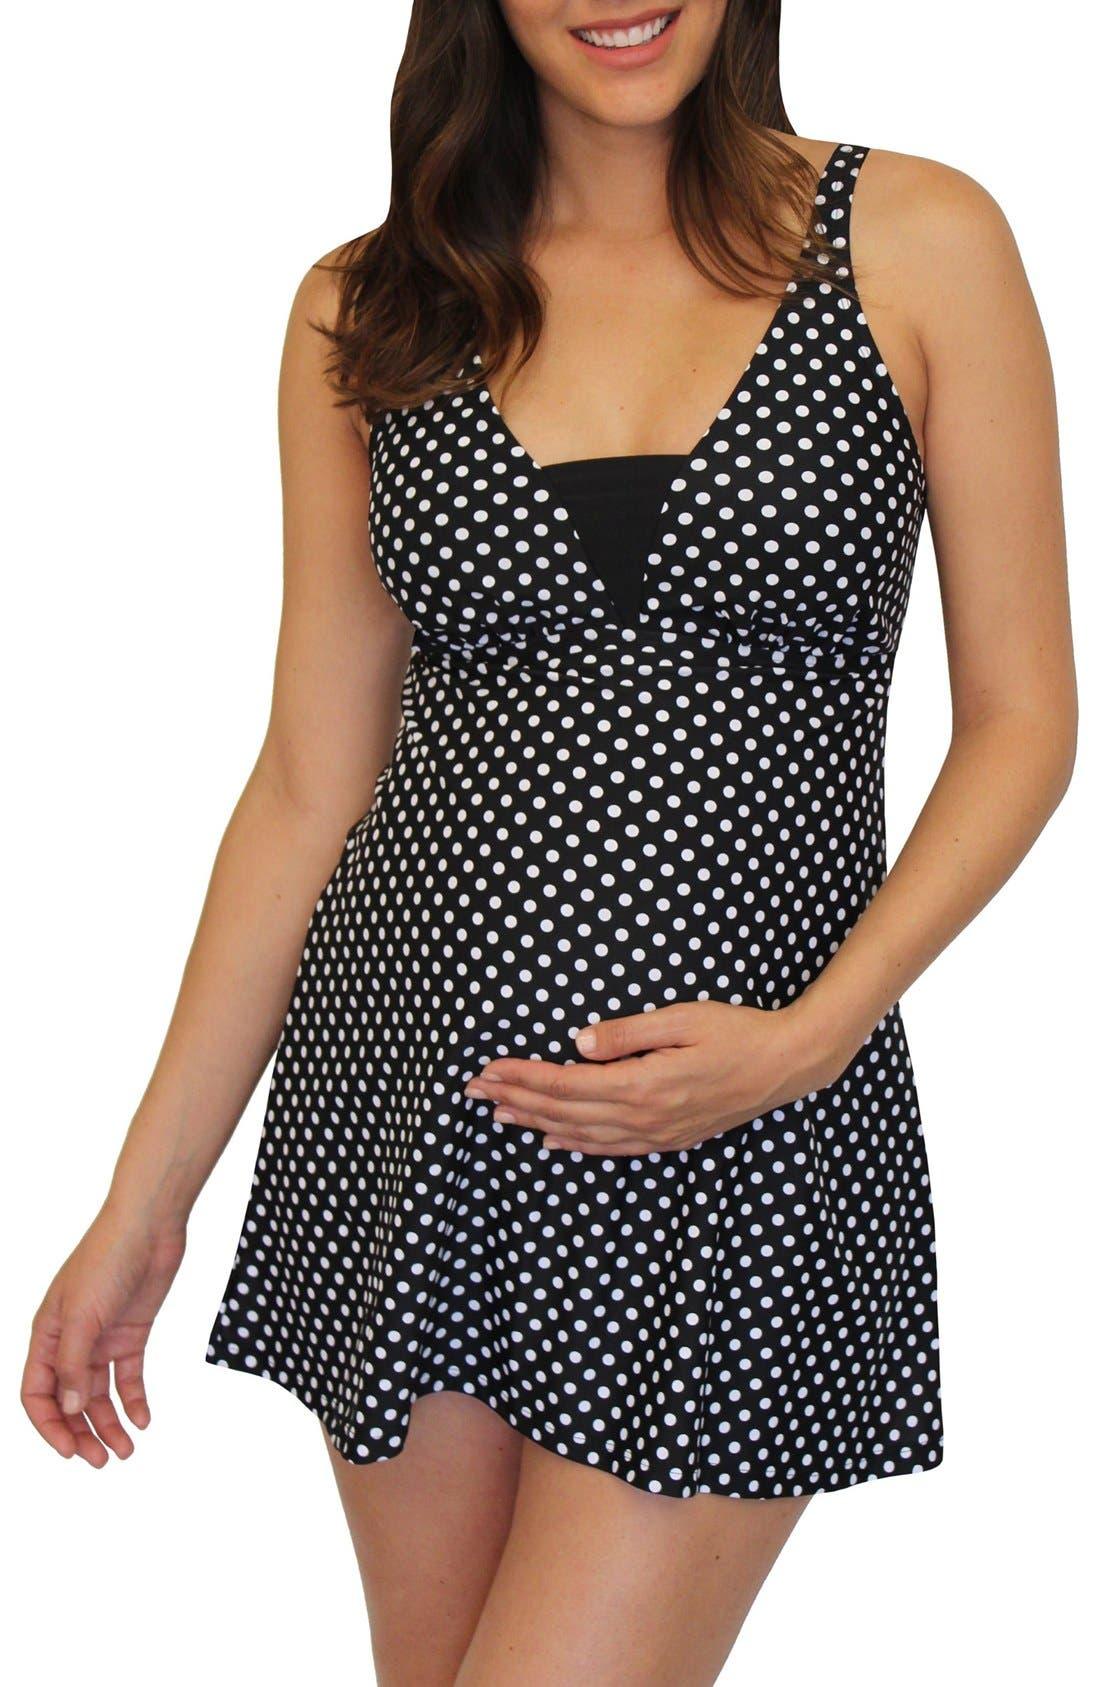 'Dresskini' Maternity Swim Top,                             Main thumbnail 1, color,                             Black W/ White Polka Dots